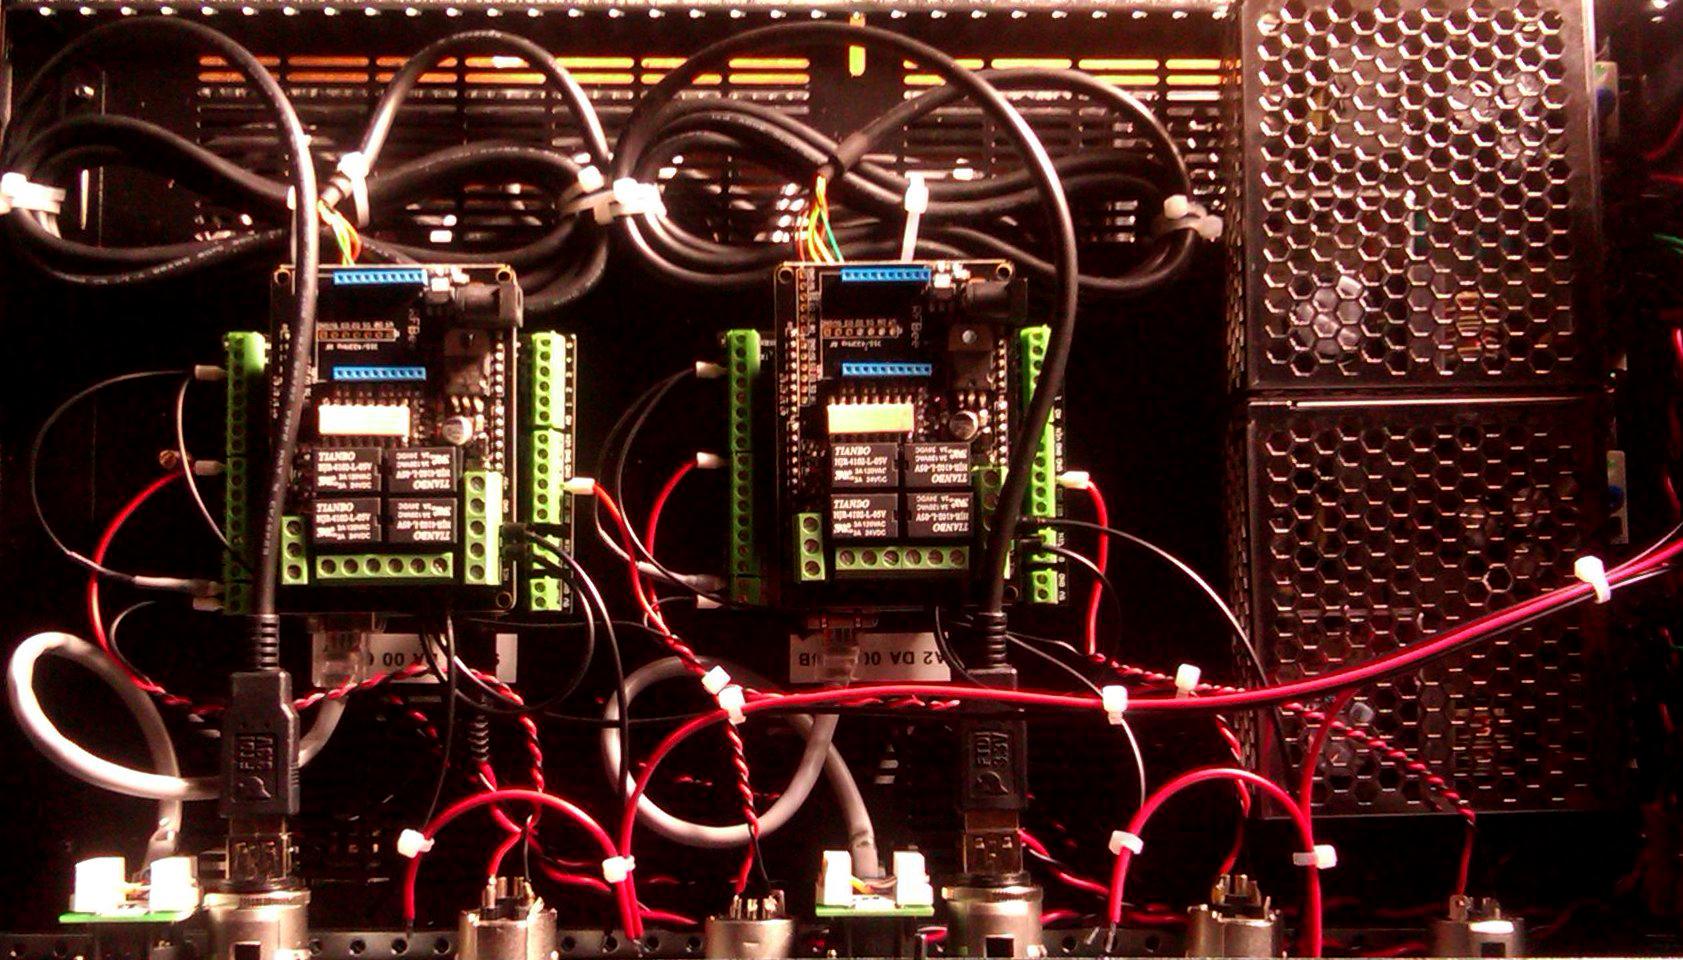 Bespoke Electronic Control Platforms